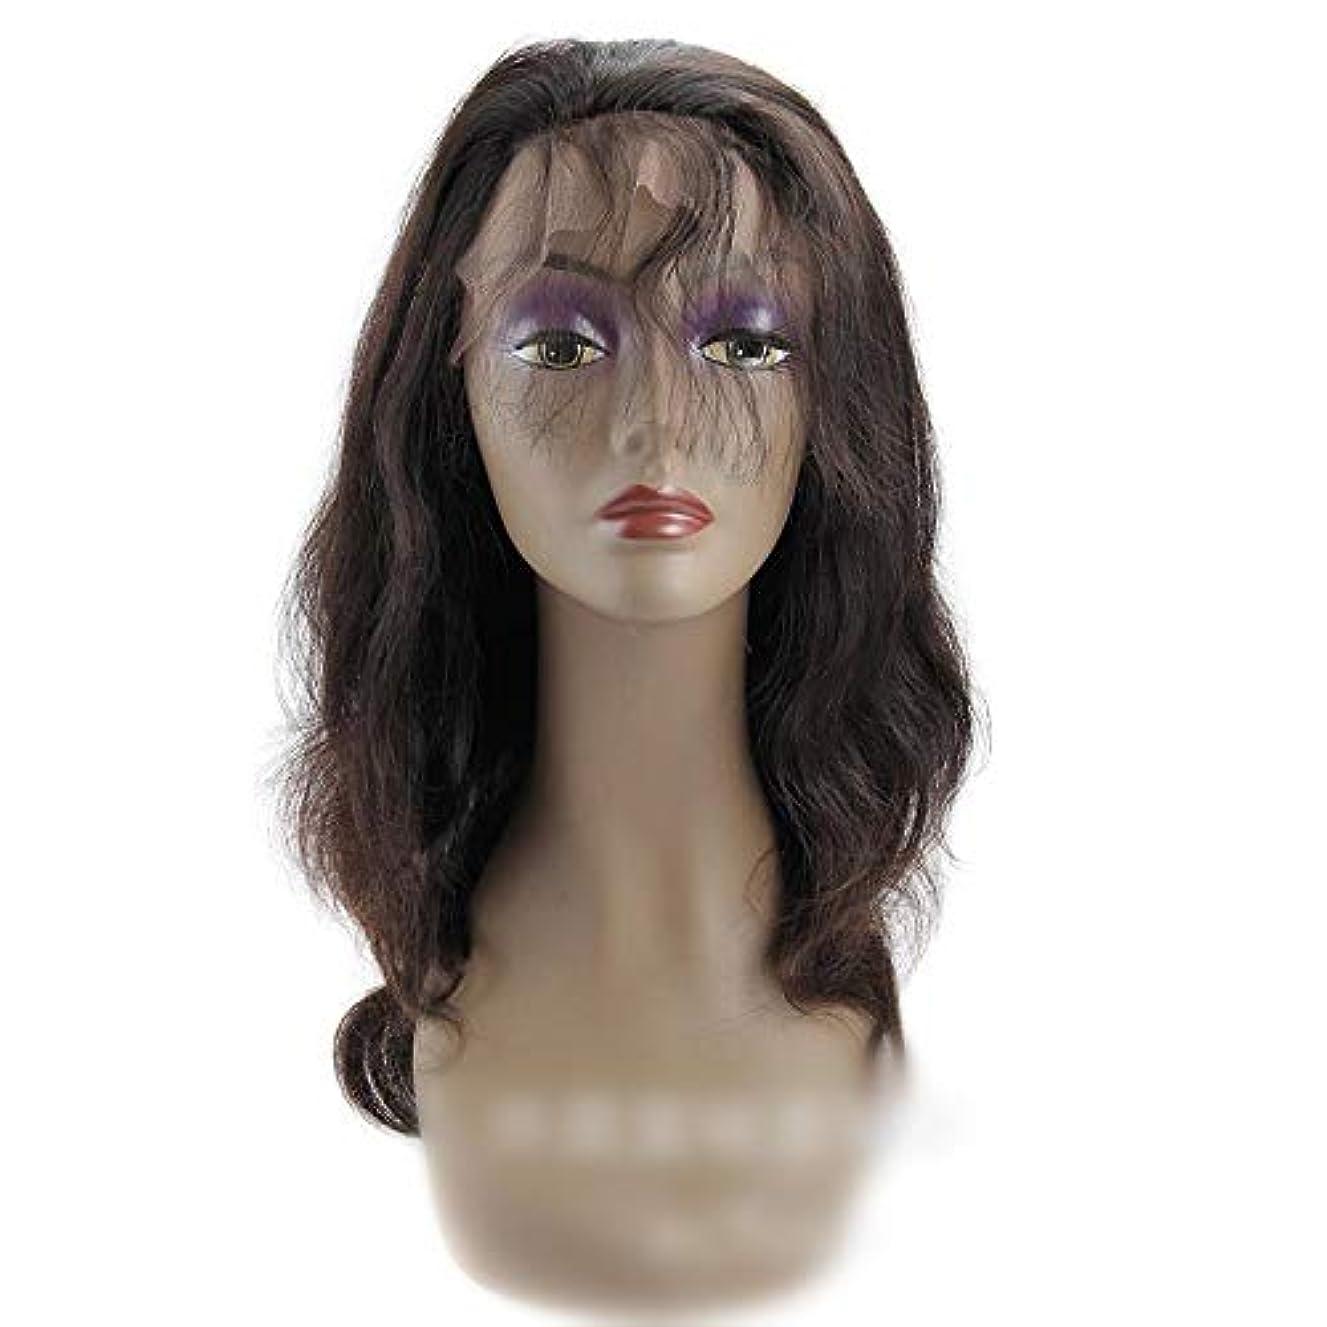 風が強いスクリーチ以前はHOHYLLYA 360レース前頭かつらブラジルバージンヘアエクステンションボディウェーブ人間の髪の毛のかつら女性のかつら (色 : 黒, サイズ : 18 inch)